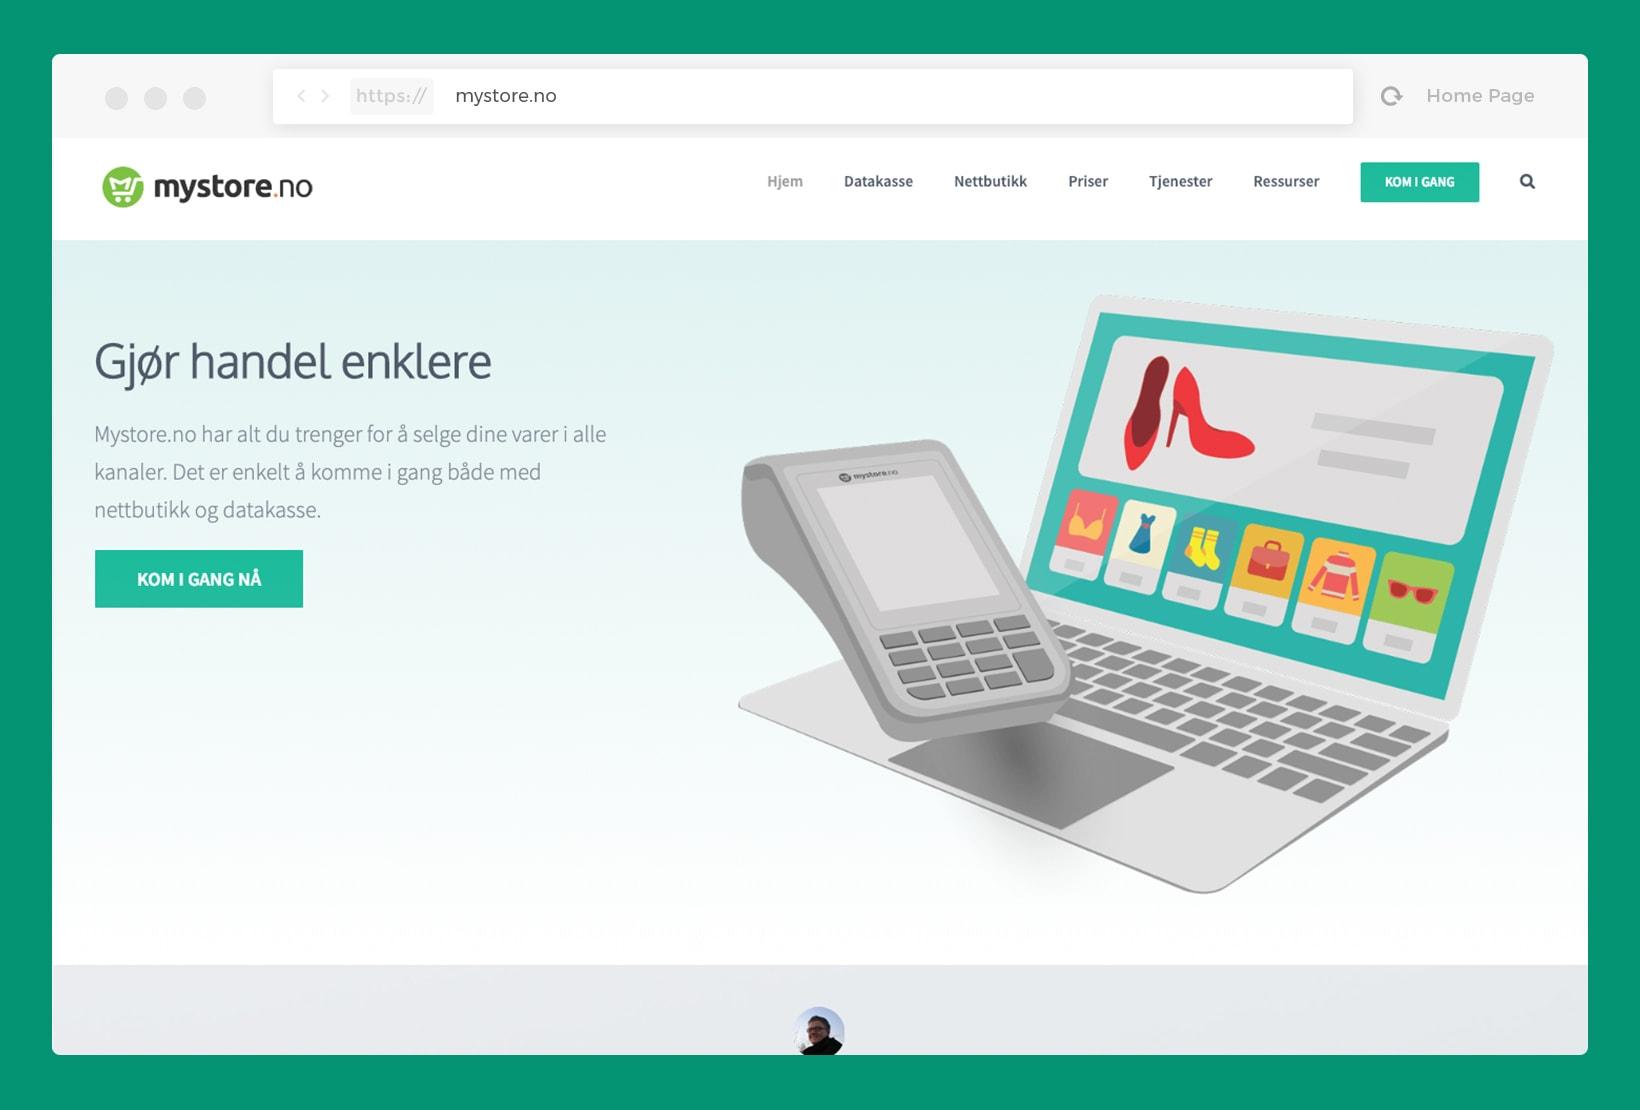 Mystore.no – Homepage